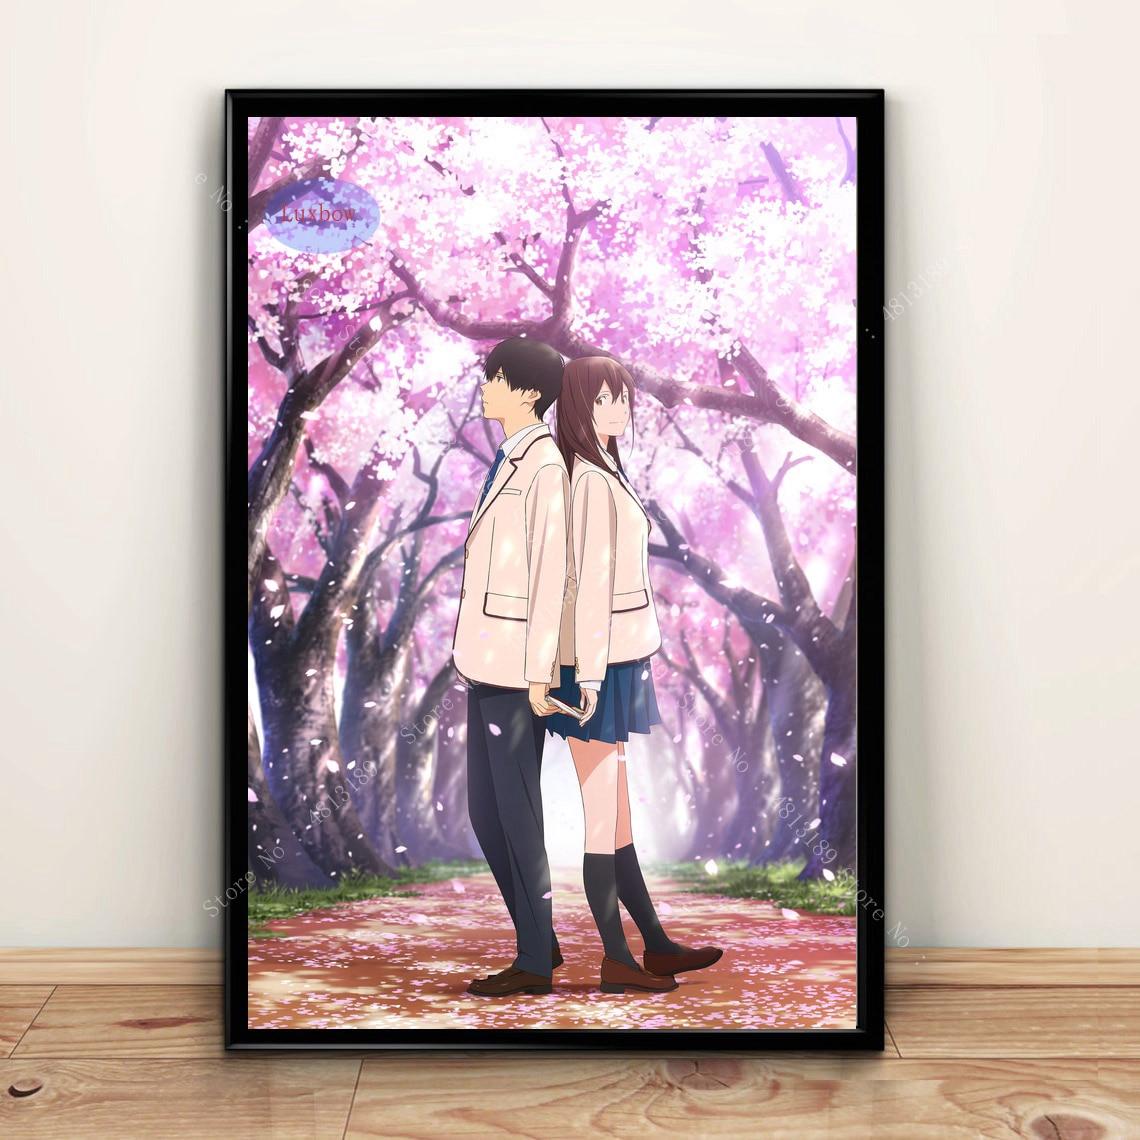 Постеры, принты, я хочу съесть твою поджелудочную железу, японский аниме подарок, картина маслом на холсте, художественные настенные картин...